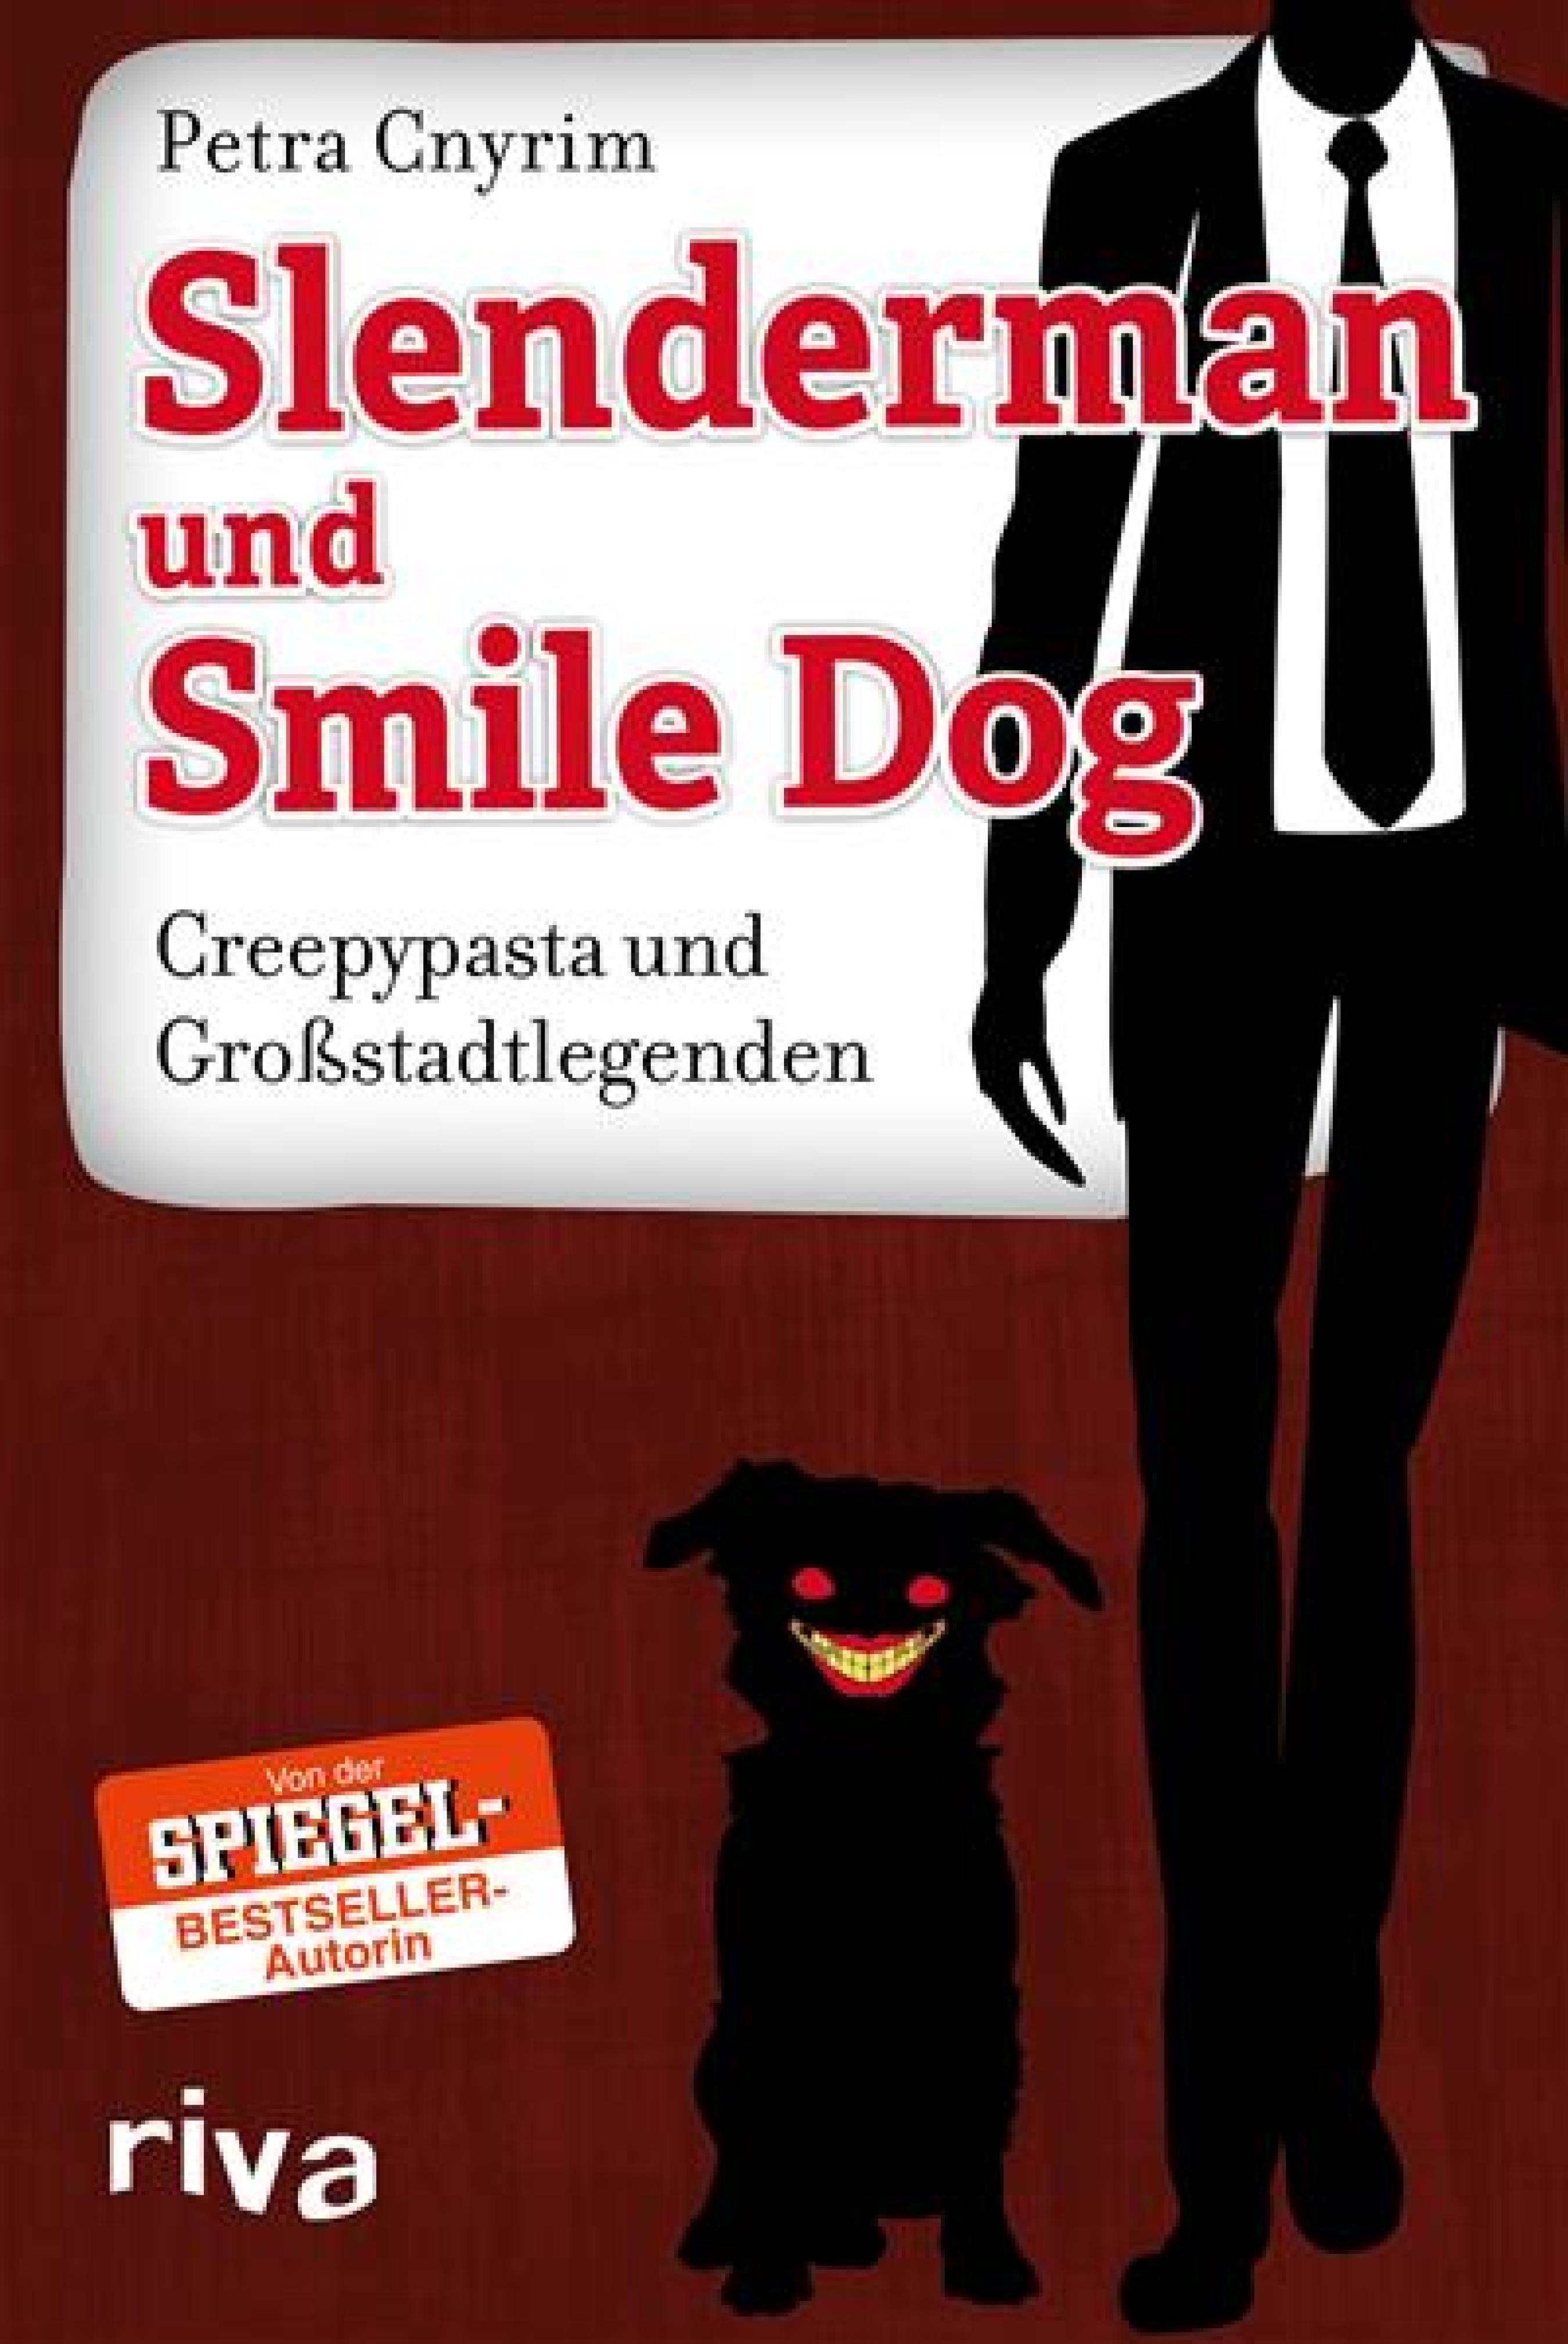 Slenderman Und Smile Dog Von Cnyrim Petra Creepypasta Und Großstadt